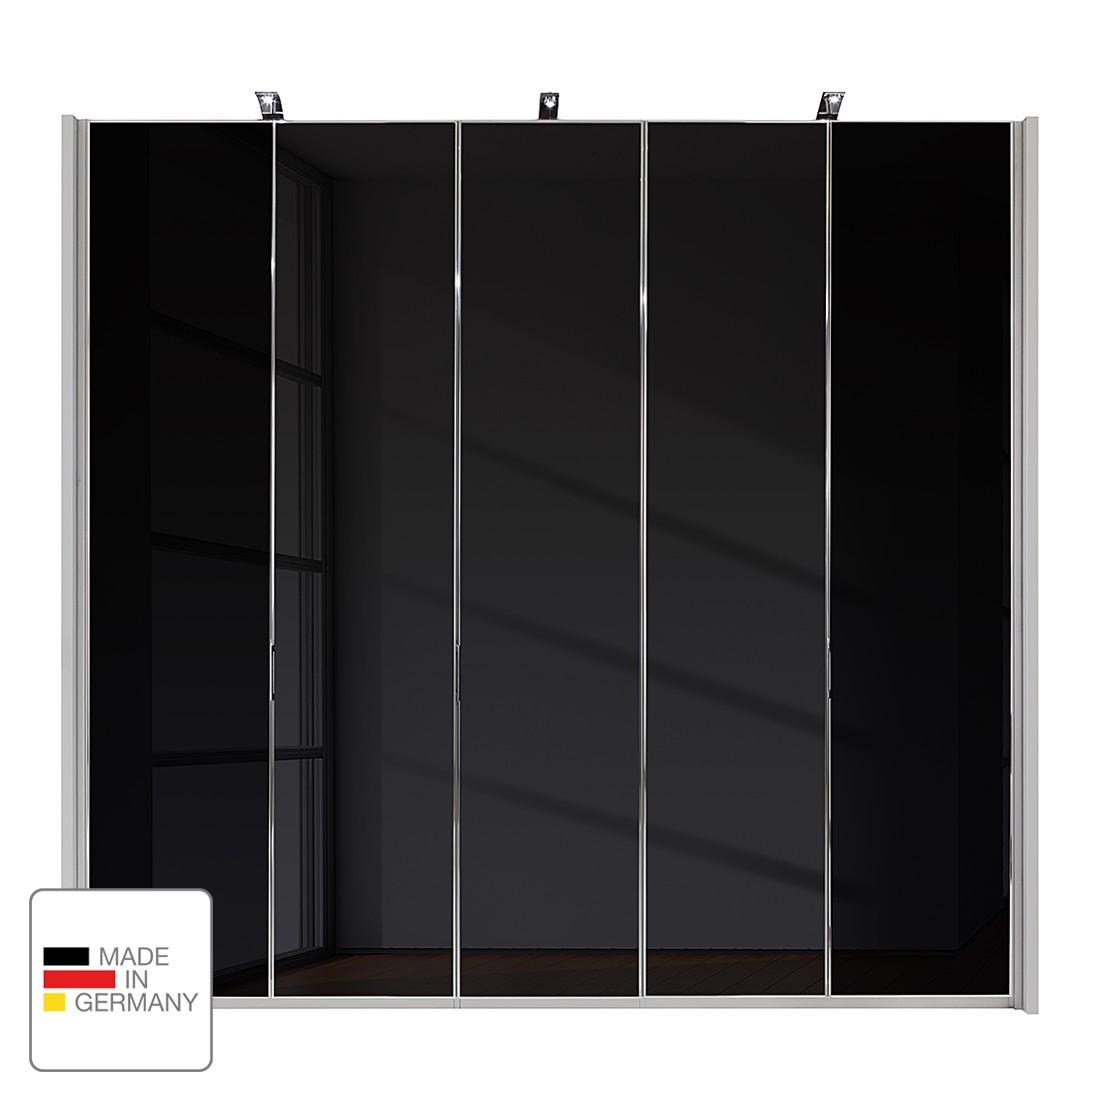 Drehtürenschrank Amsterdam – Silber/Graphit – LED-Beleuchtung – 350 cm (7-türig) – 216 cm – 7 Glastüren, Althoff jetzt bestellen